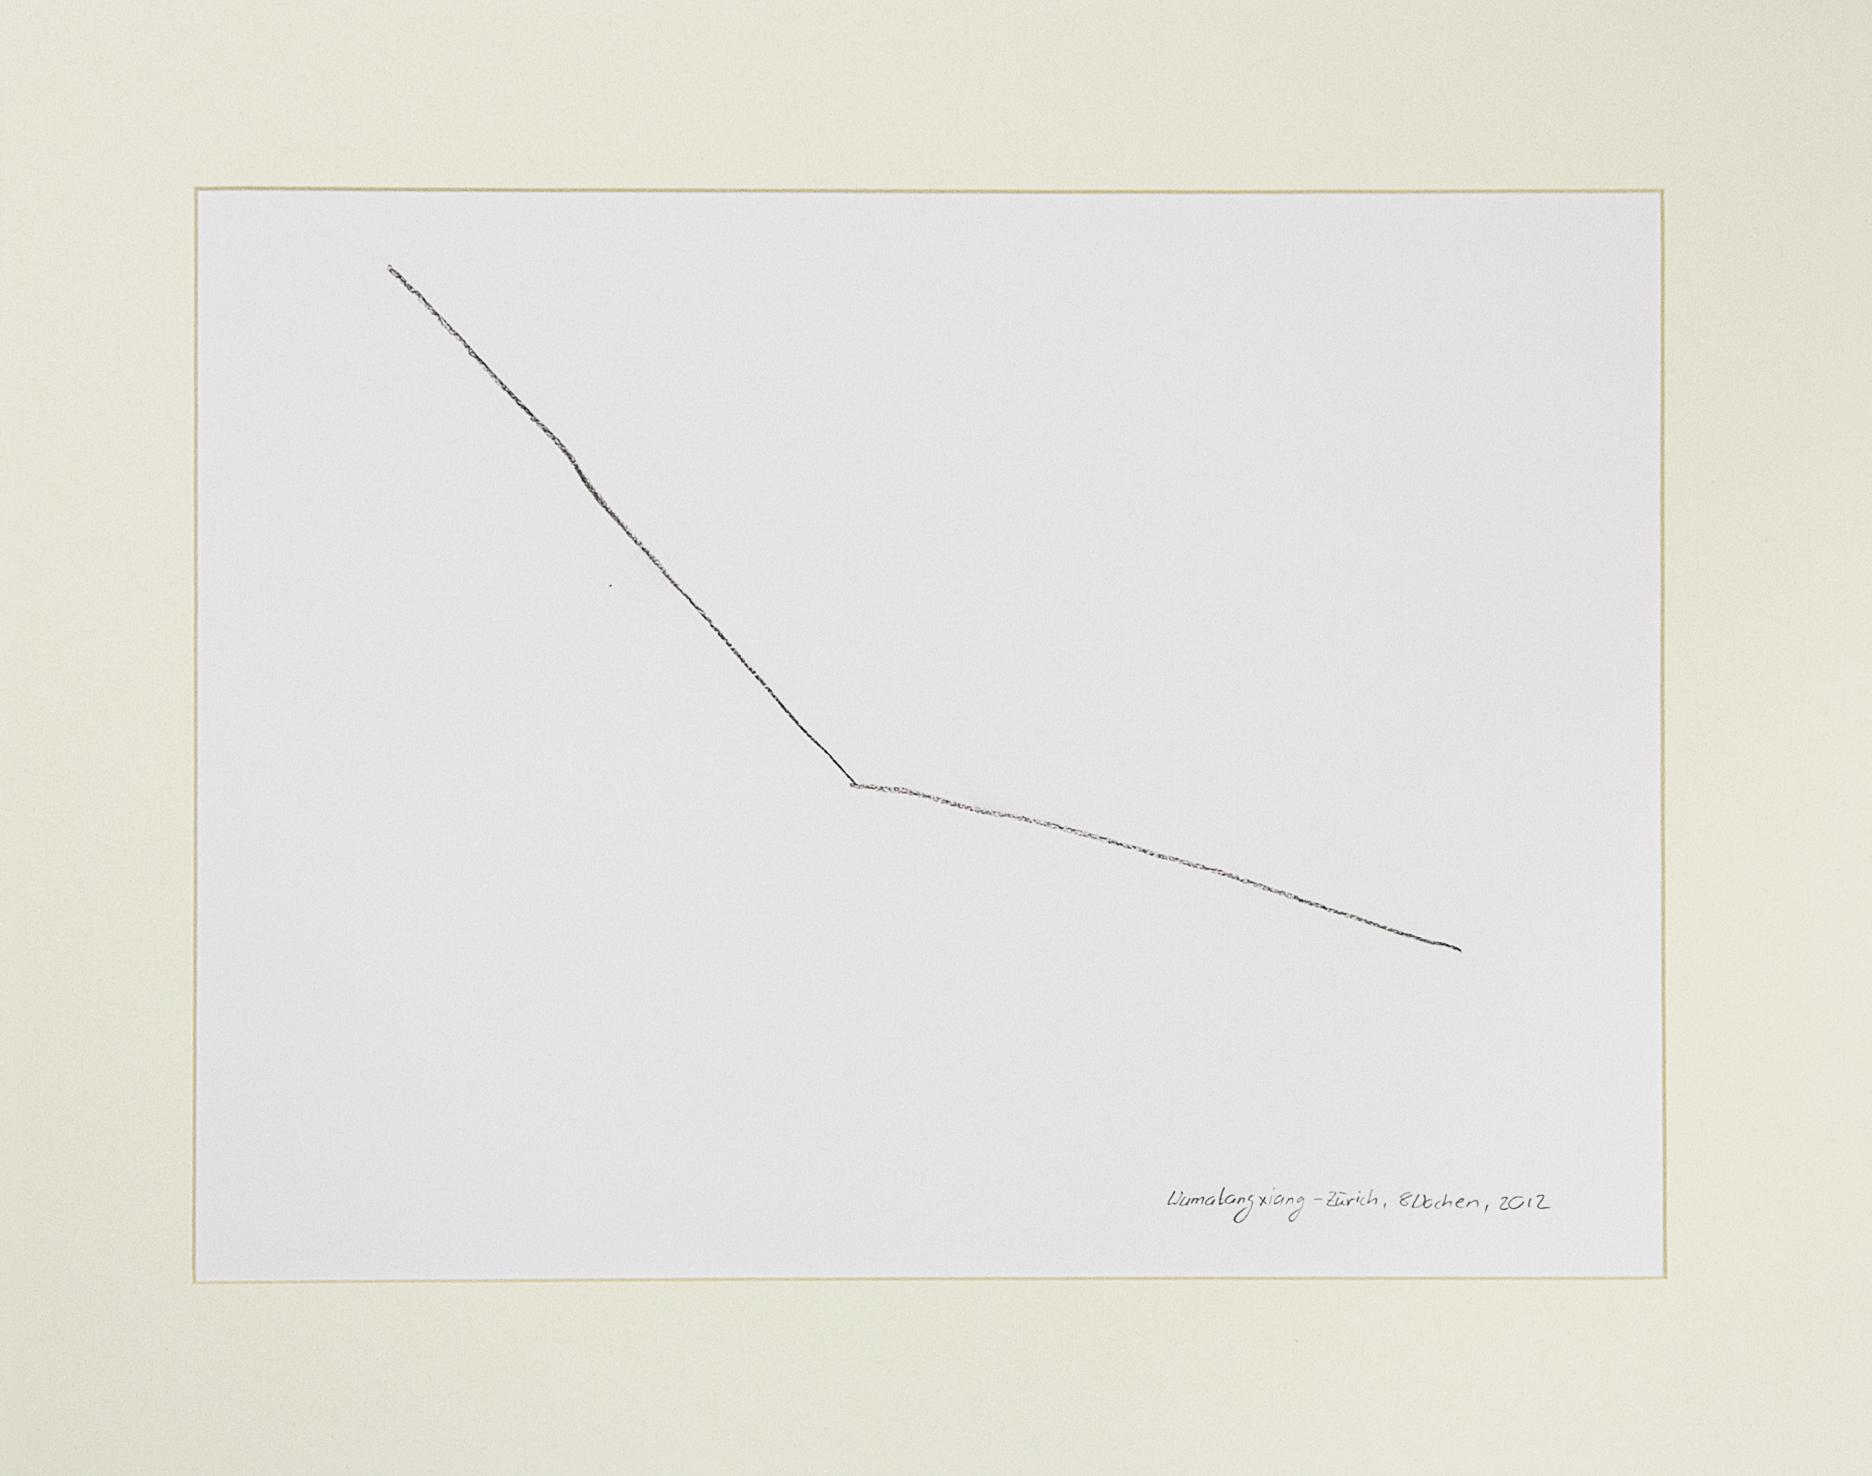 Desire Lines by Stefan Baltensperger + David Siepert